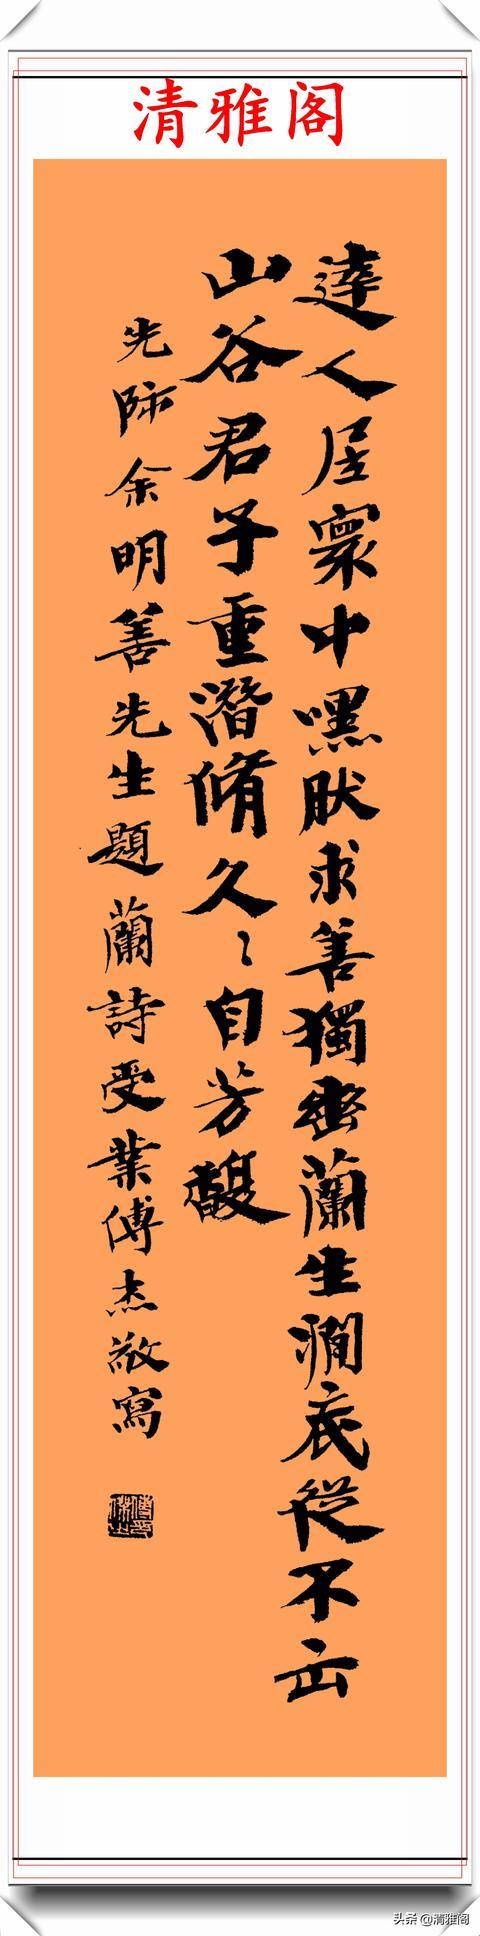 近代书画大师爱新觉罗·傅杰,传世精品书法欣赏